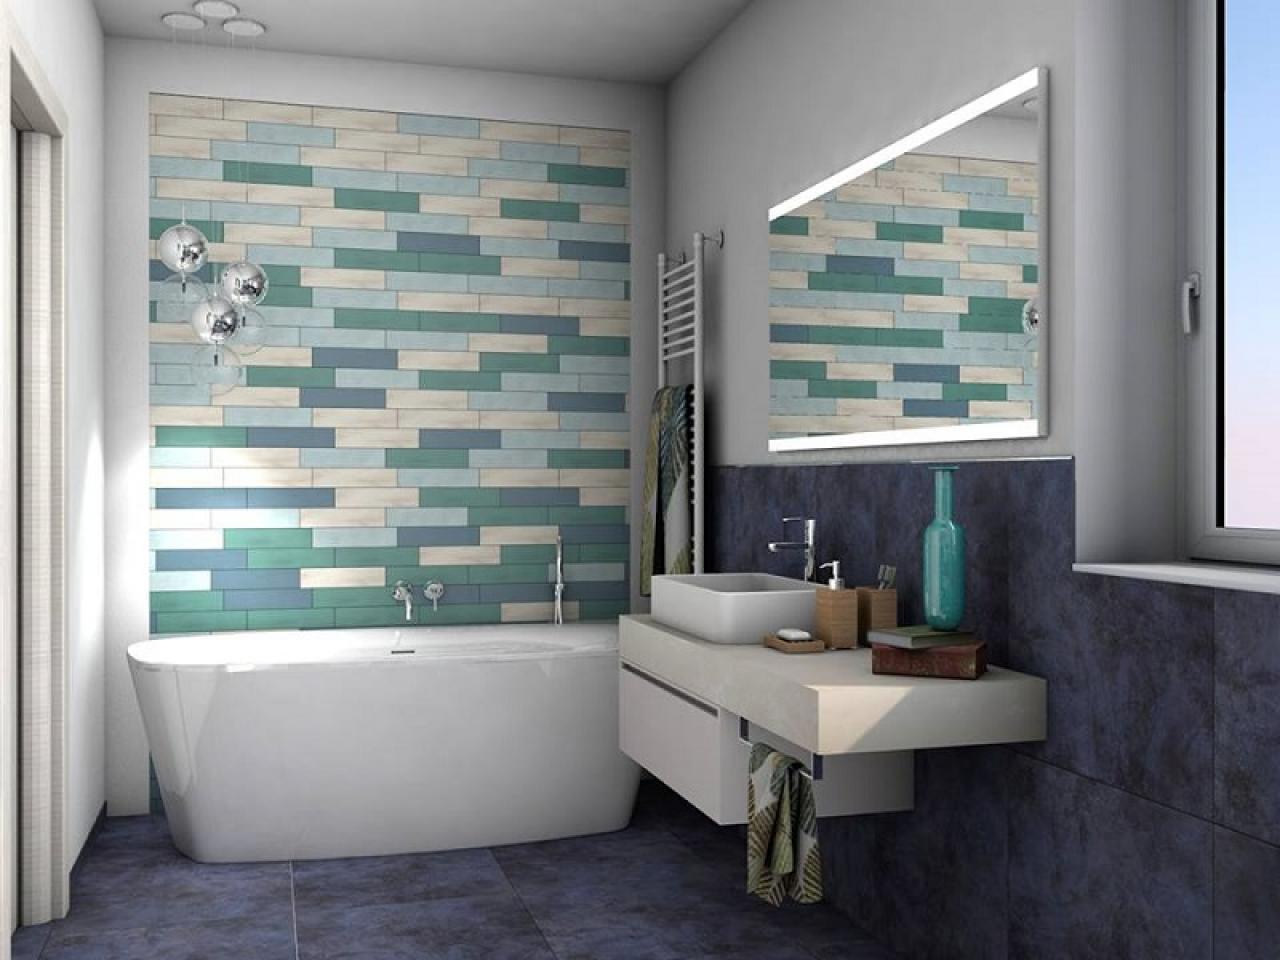 Stili bagno guida fotografica per scegliere arredi e rivestimenti fratelli pellizzari - Decorazioni pareti bagno ...